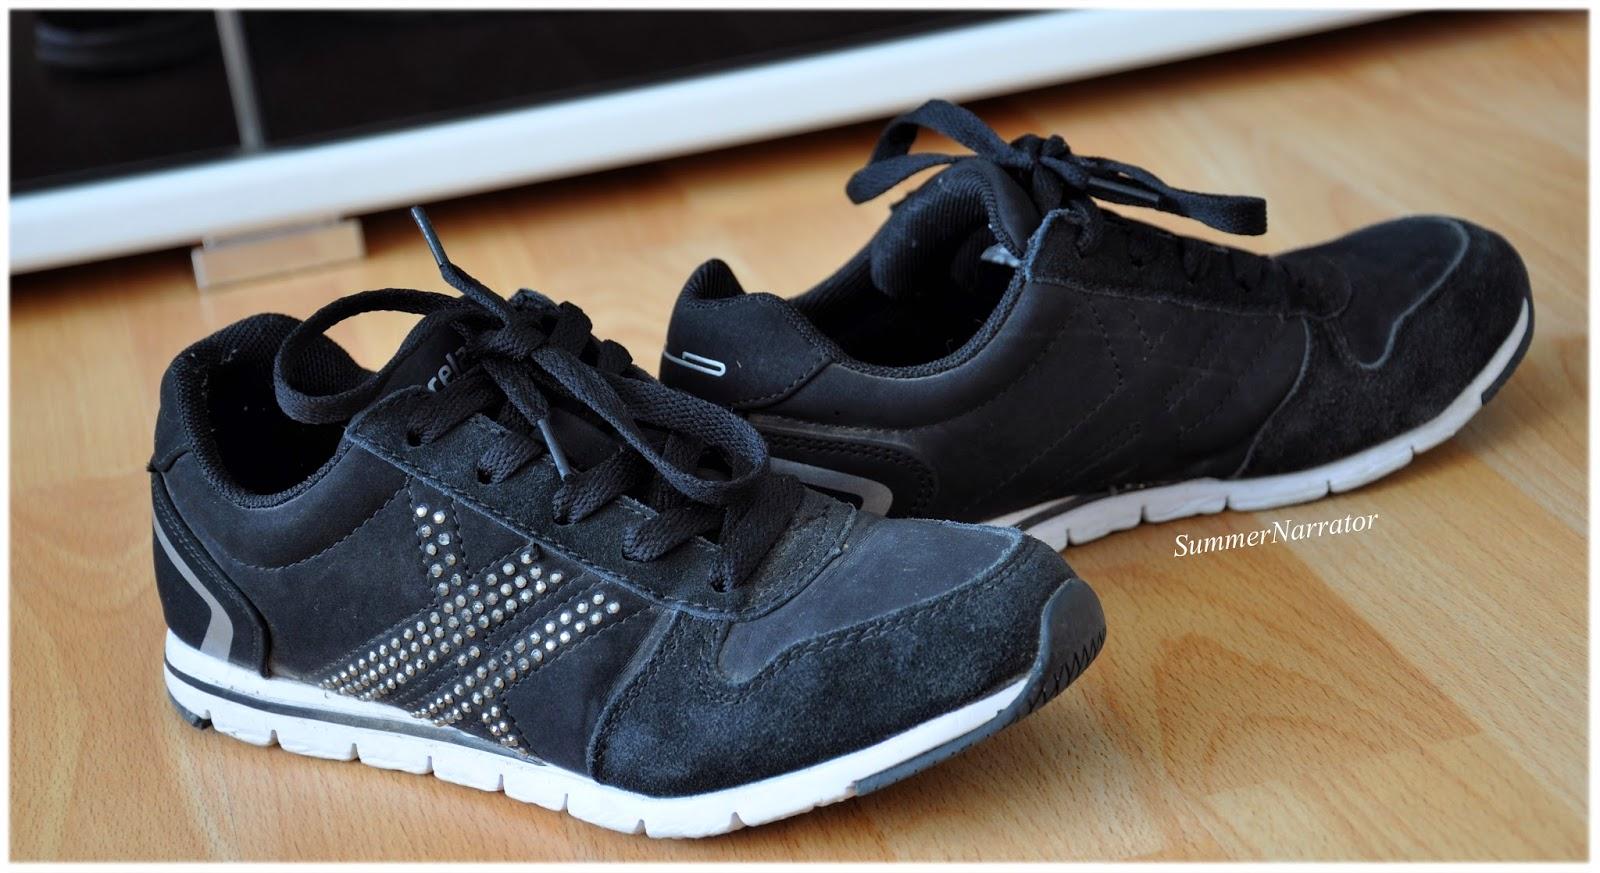 Bequem Chaussures de Tennis AnzugChaussuresOder Lange Laufen 0wPn8Ok